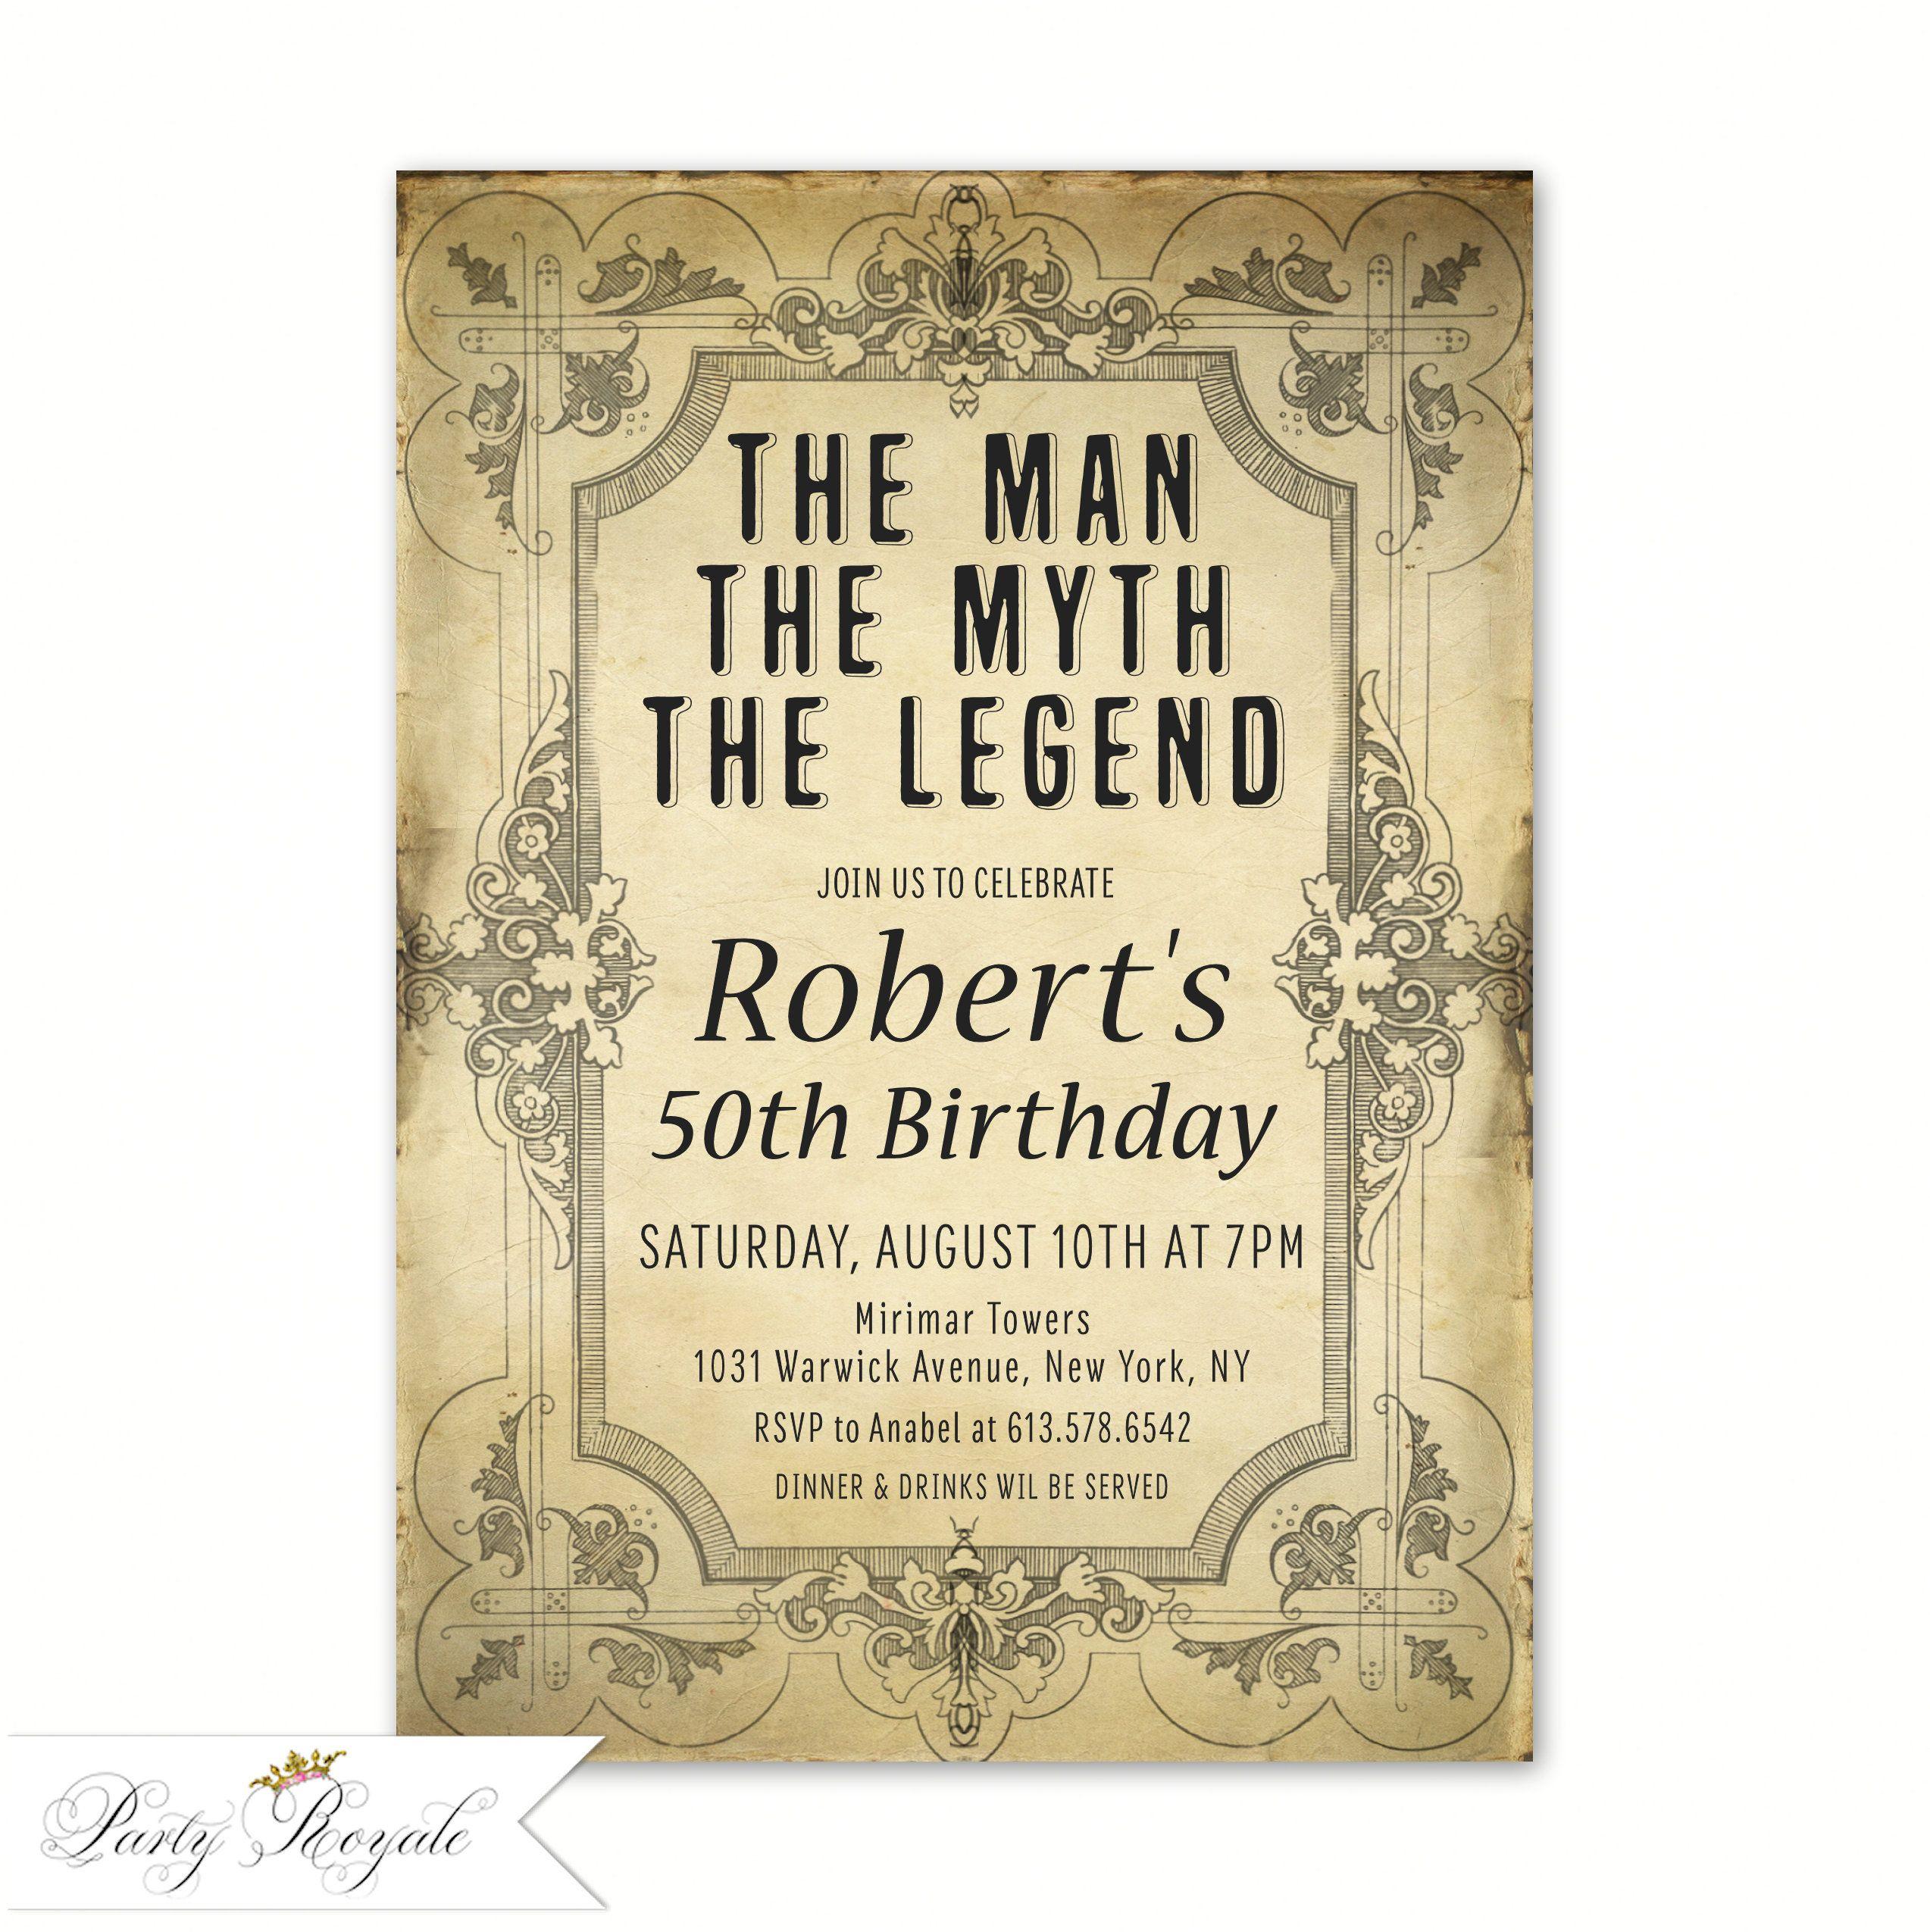 44 birthday invitations for men ideas